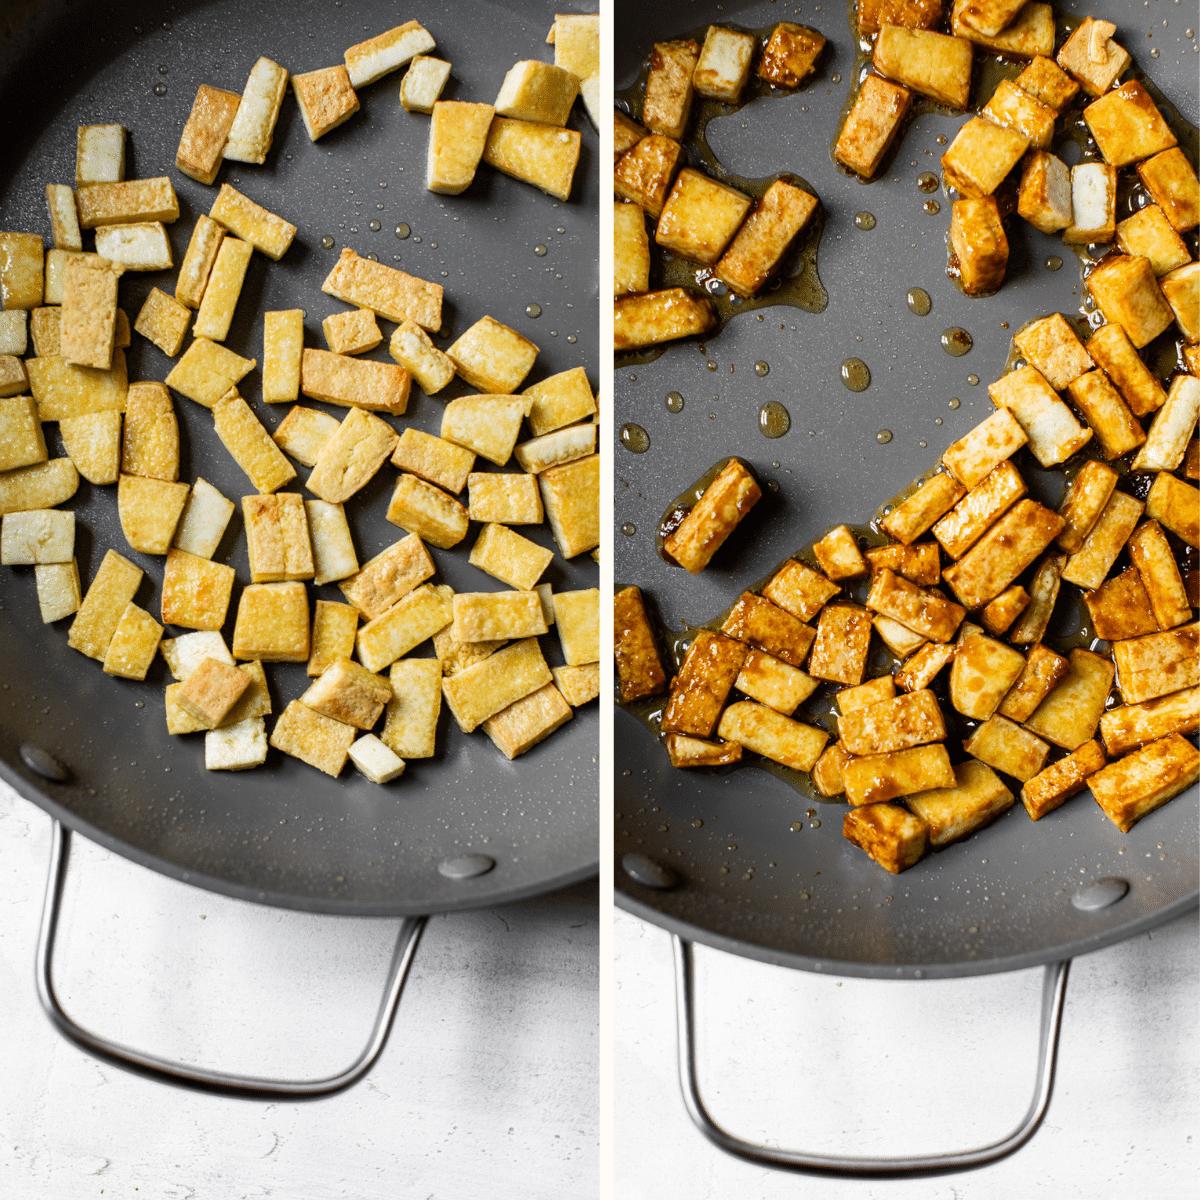 tofu in a skillet